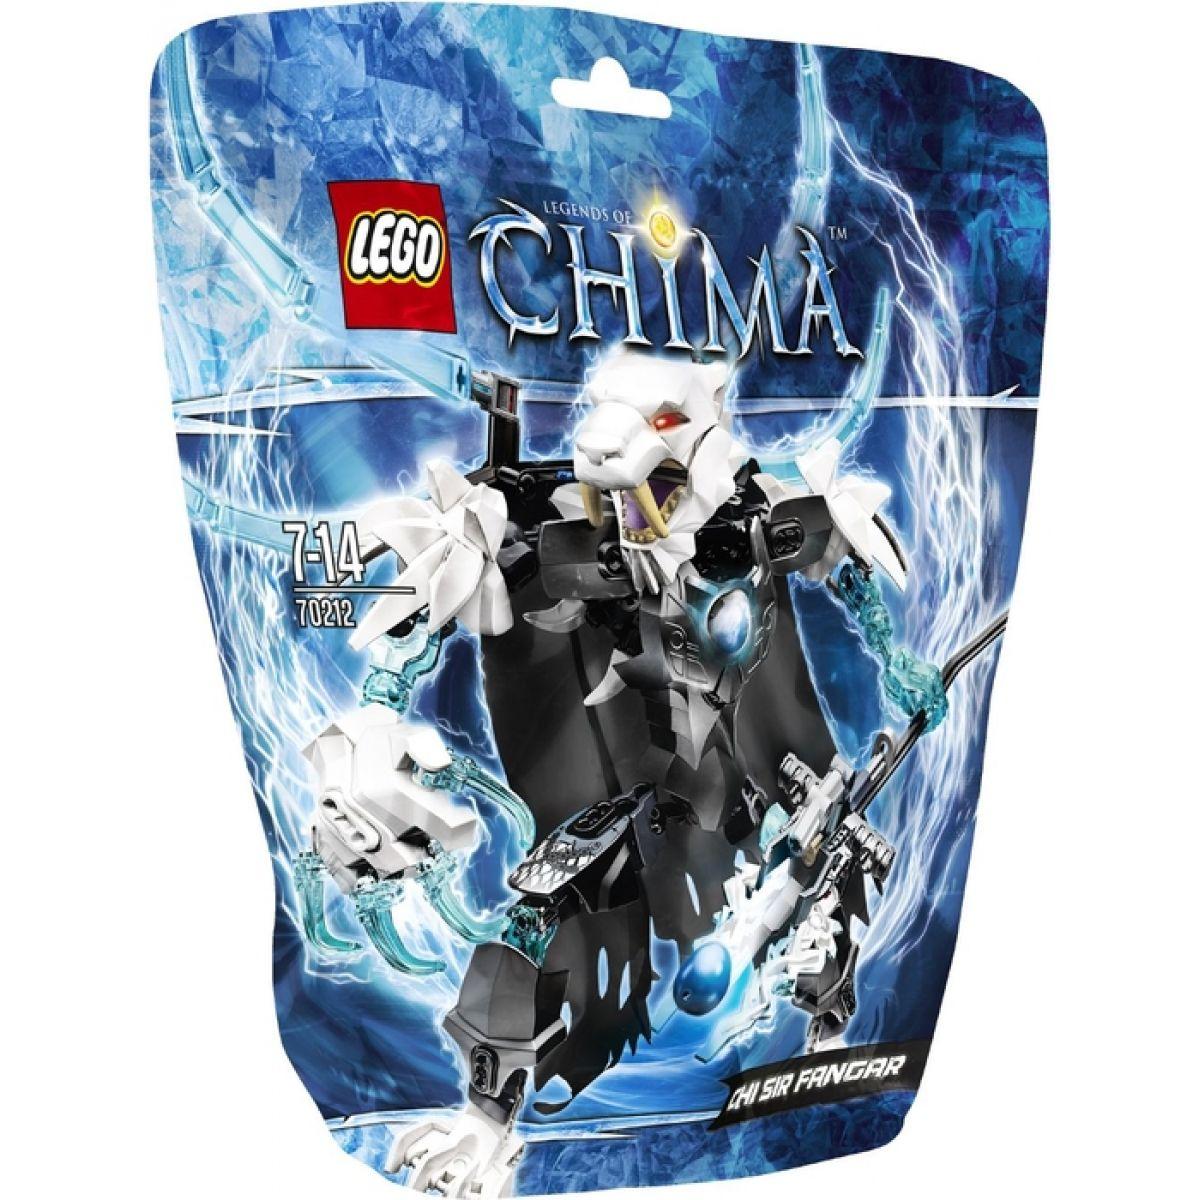 LEGO Chima 70212 Chi Sir Fangar